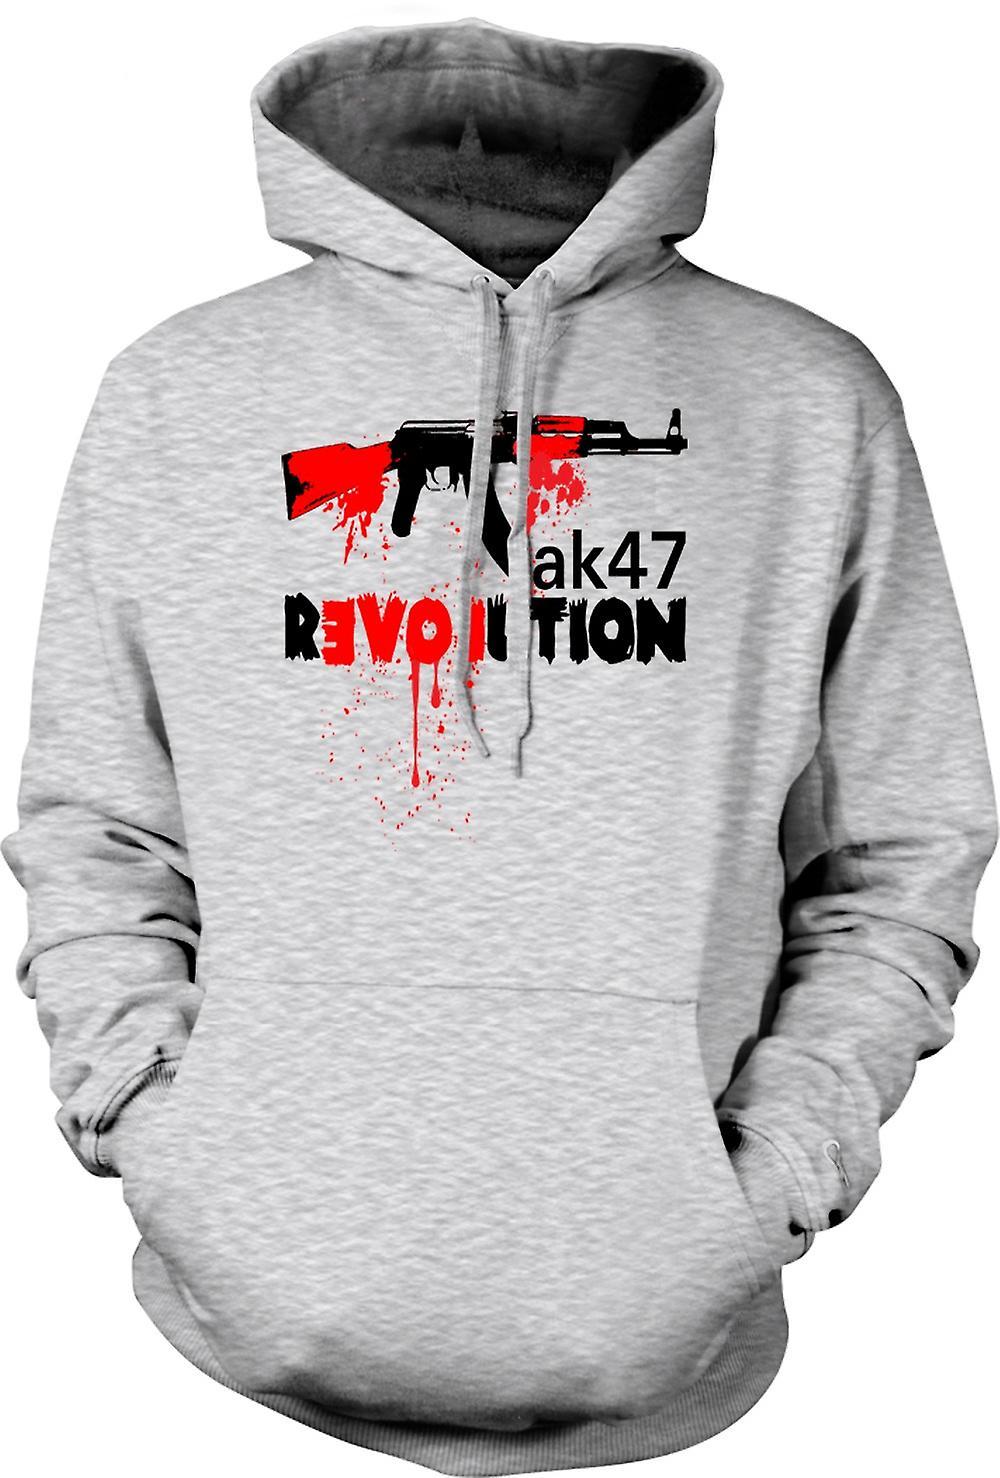 Mens Hoodie - AK47 Revolution